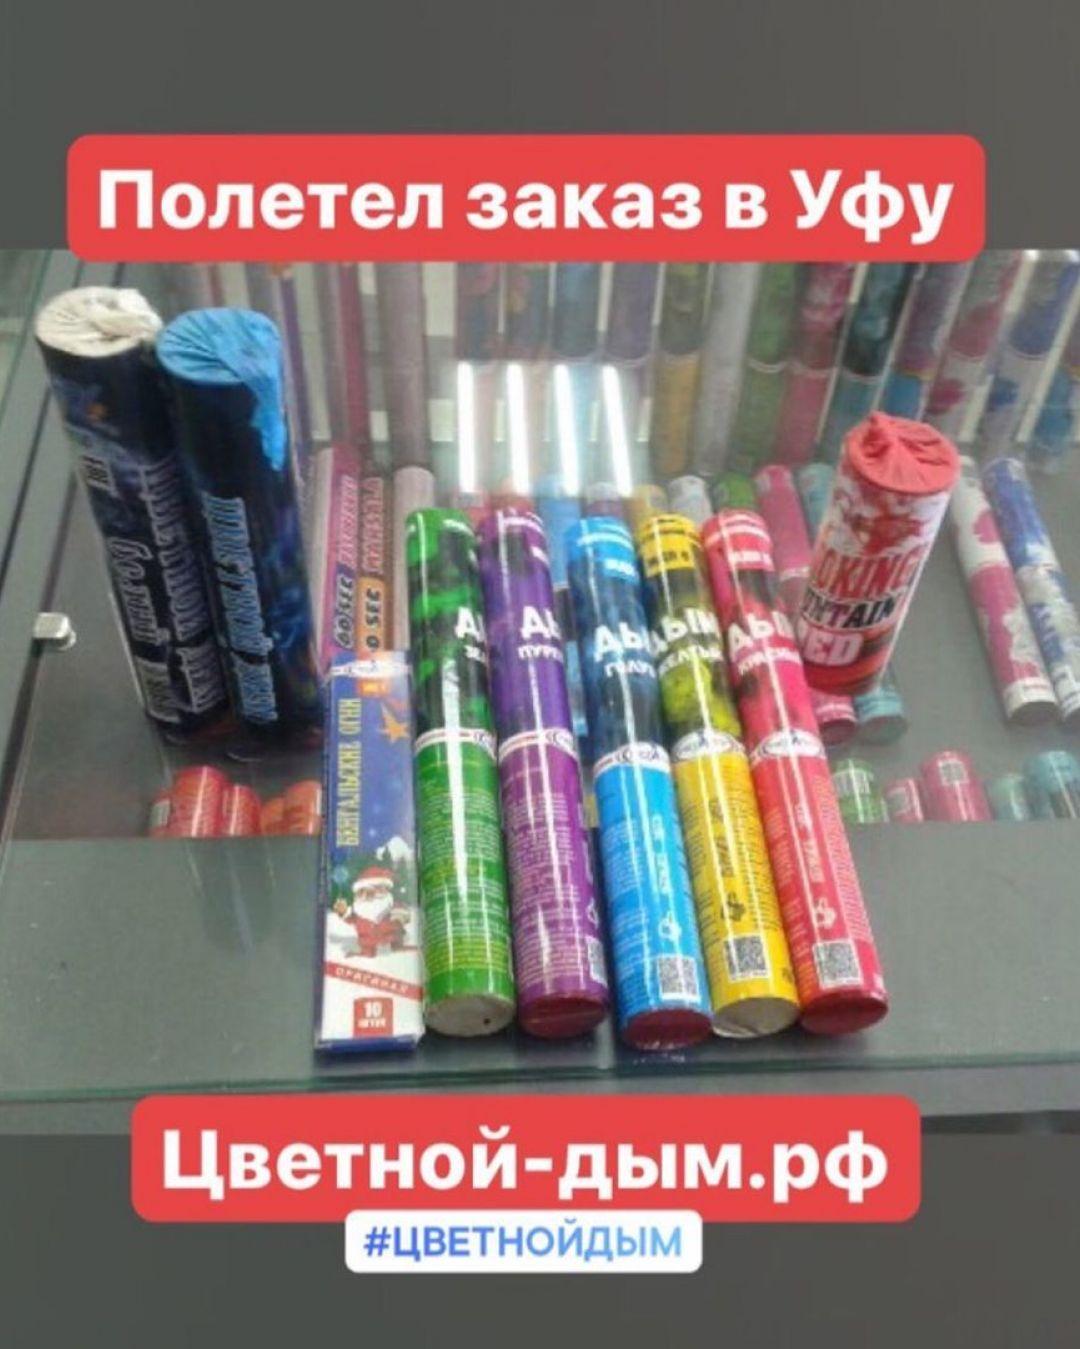 Ручной дым и дым 120 сек - Цветной-дым.рф отзывы